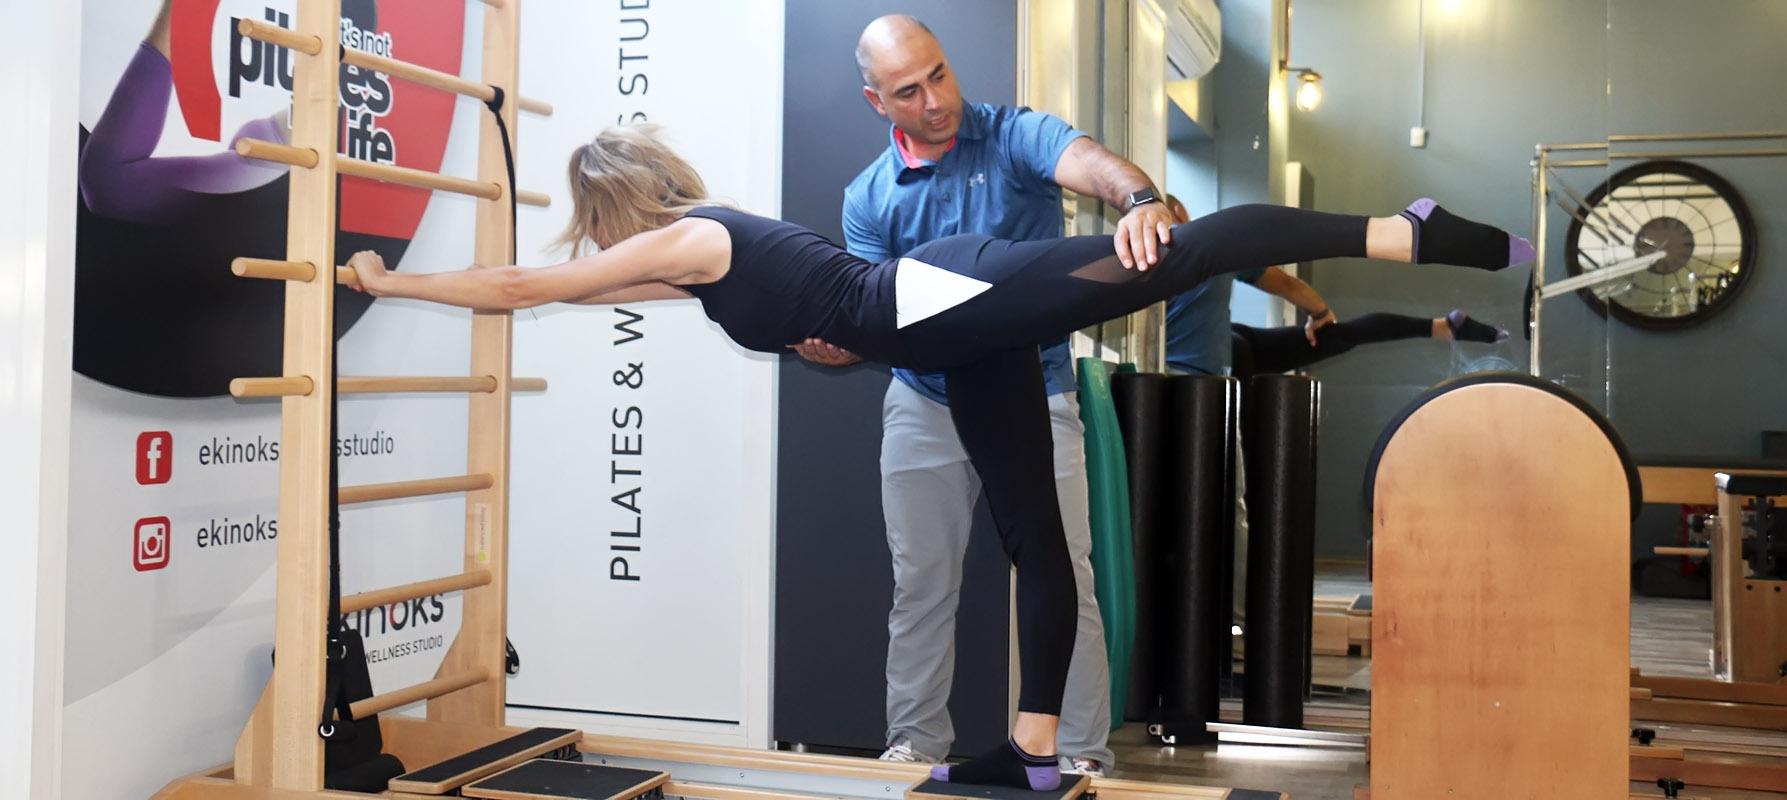 ekinoks-pilates-slider2